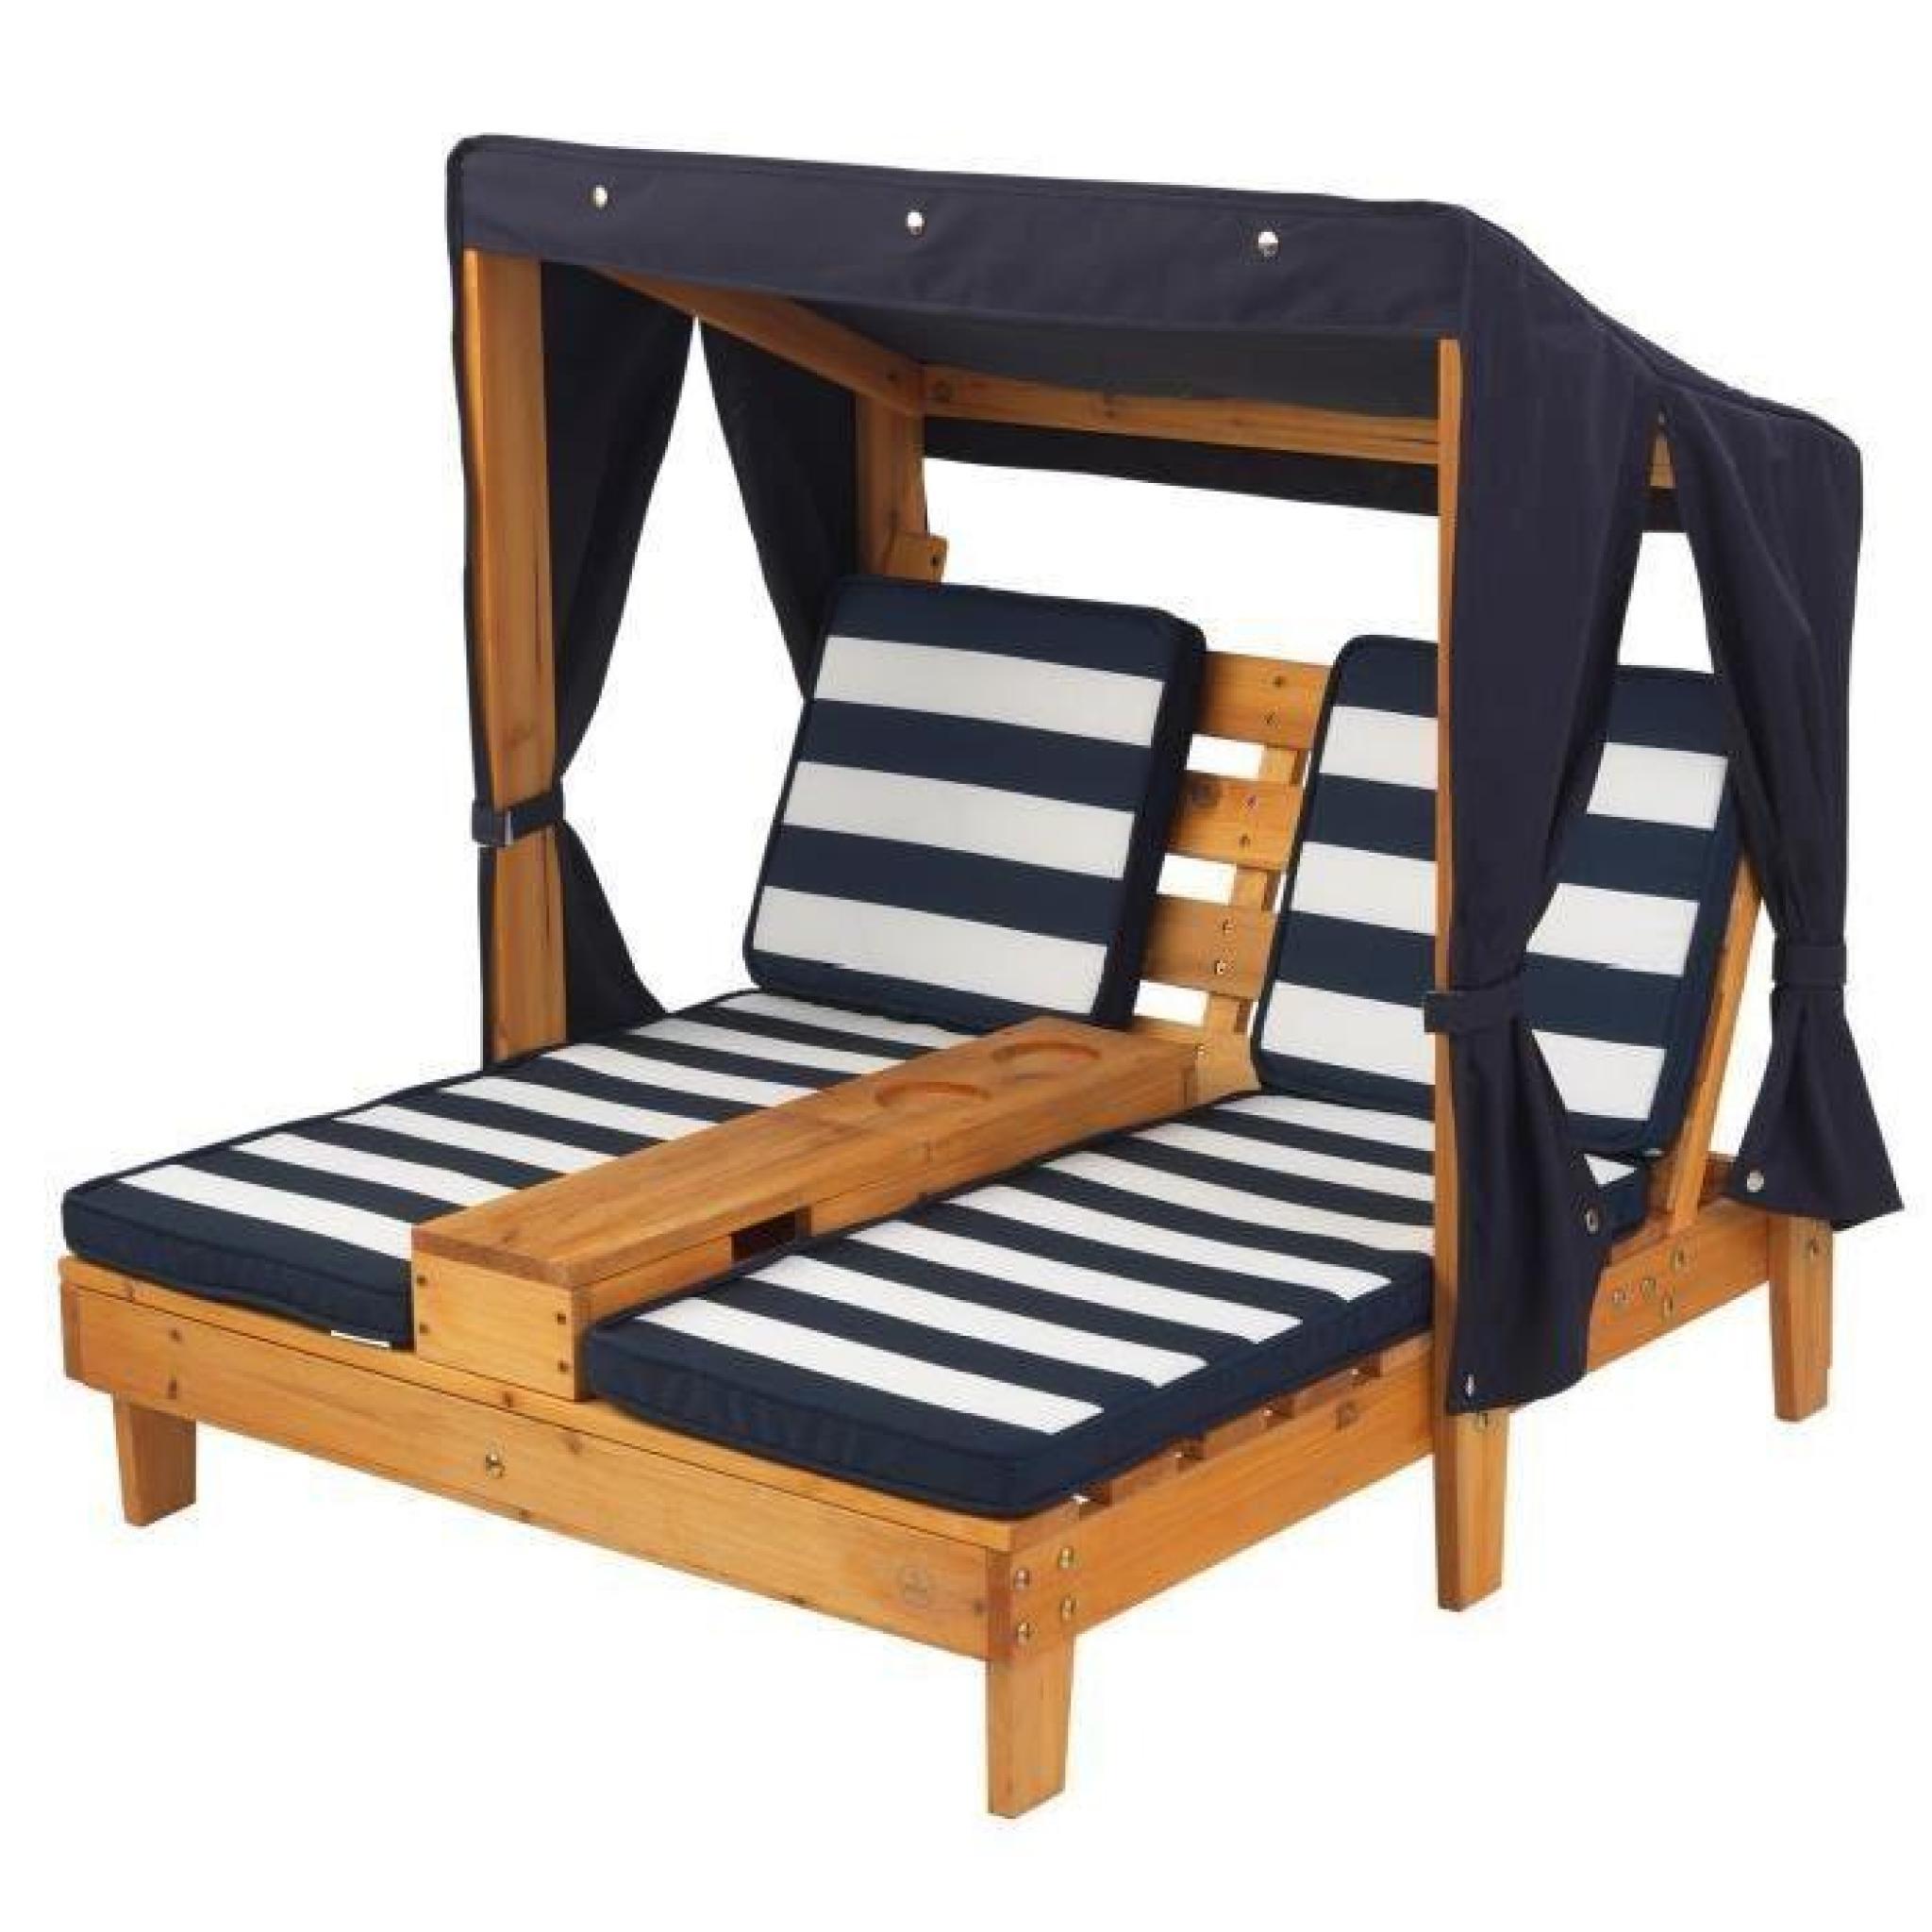 KIDKRAFT Double Chaise Longue Avec Porte Gobelets Pas Cher